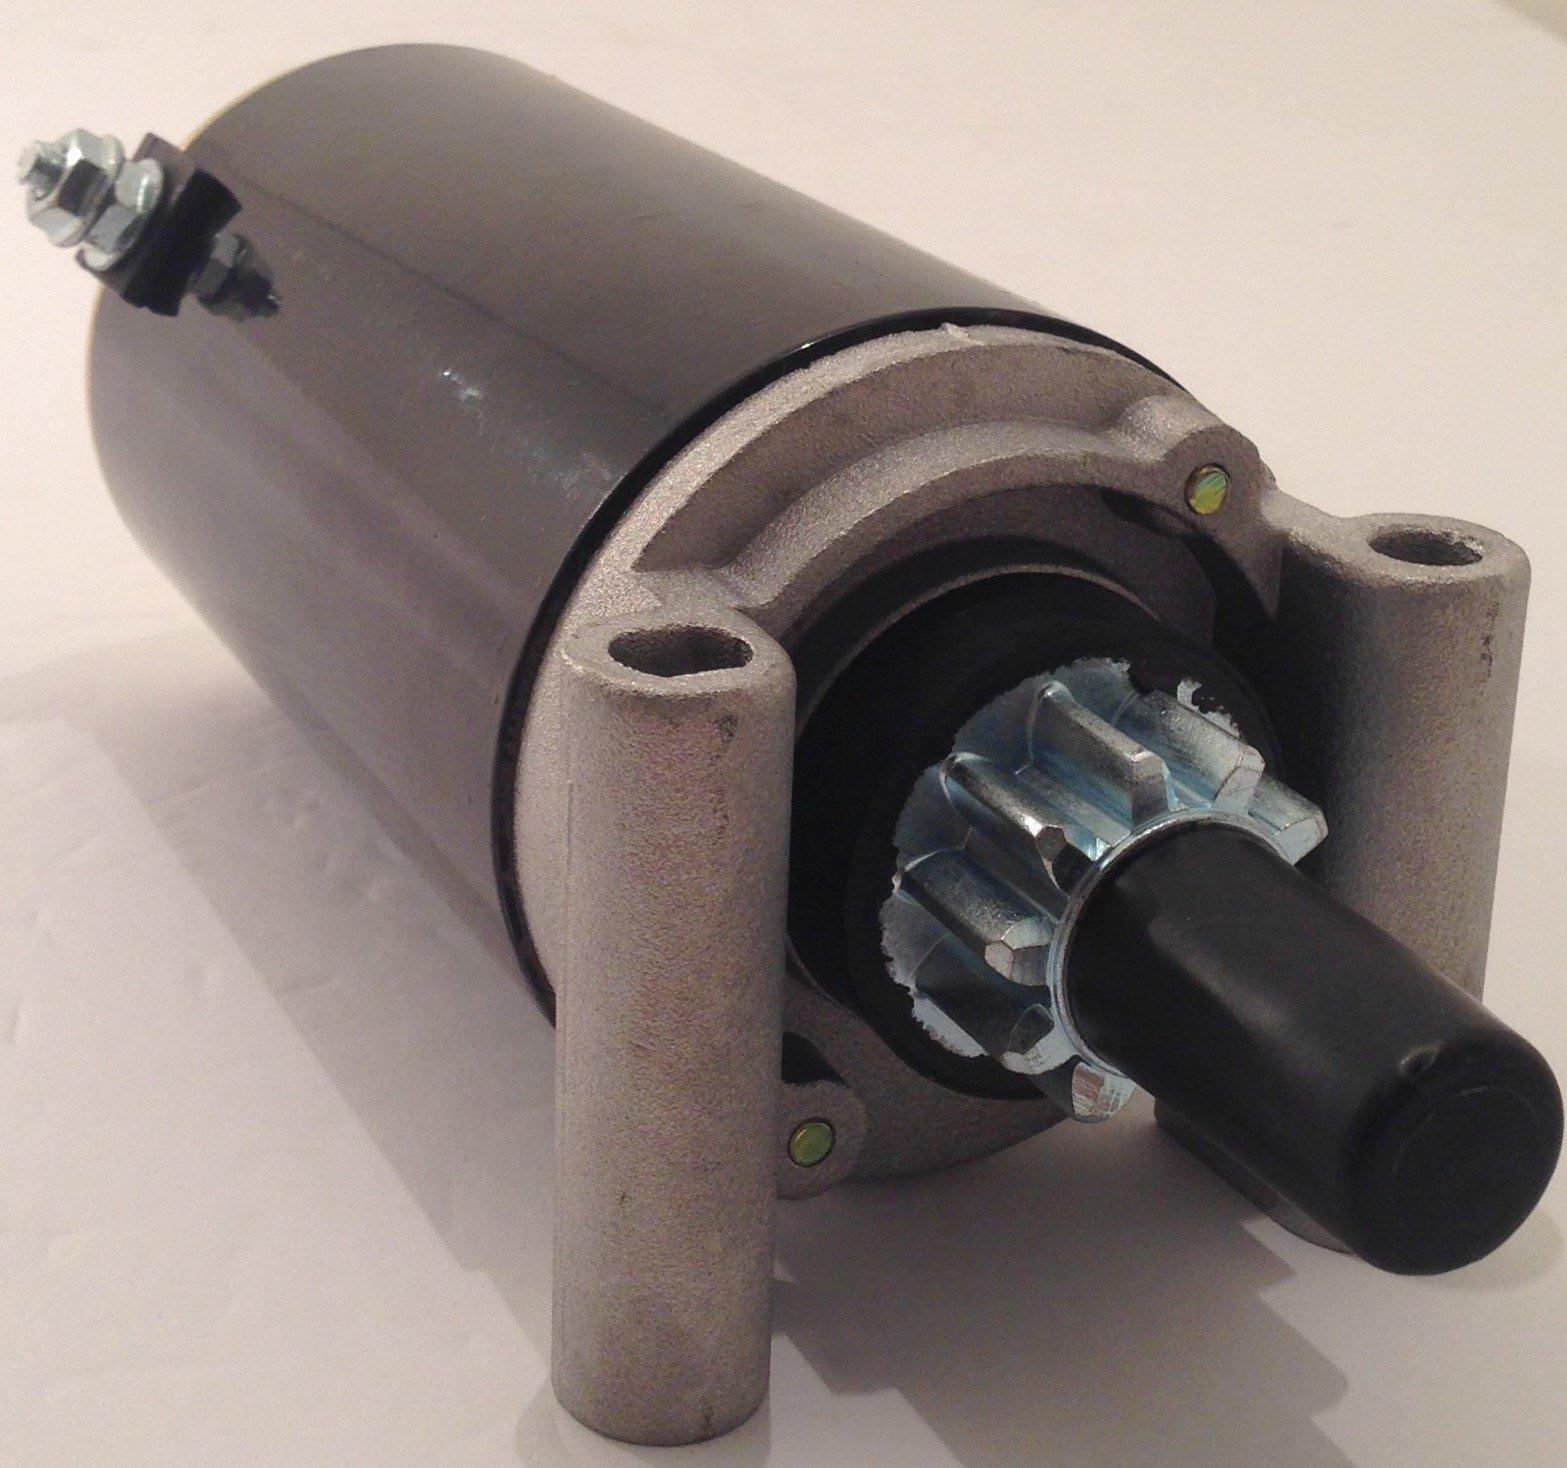 Starter Motor For Cub Cadet Replaces Kohler 32-098-01 32-098-01S 32-098-03